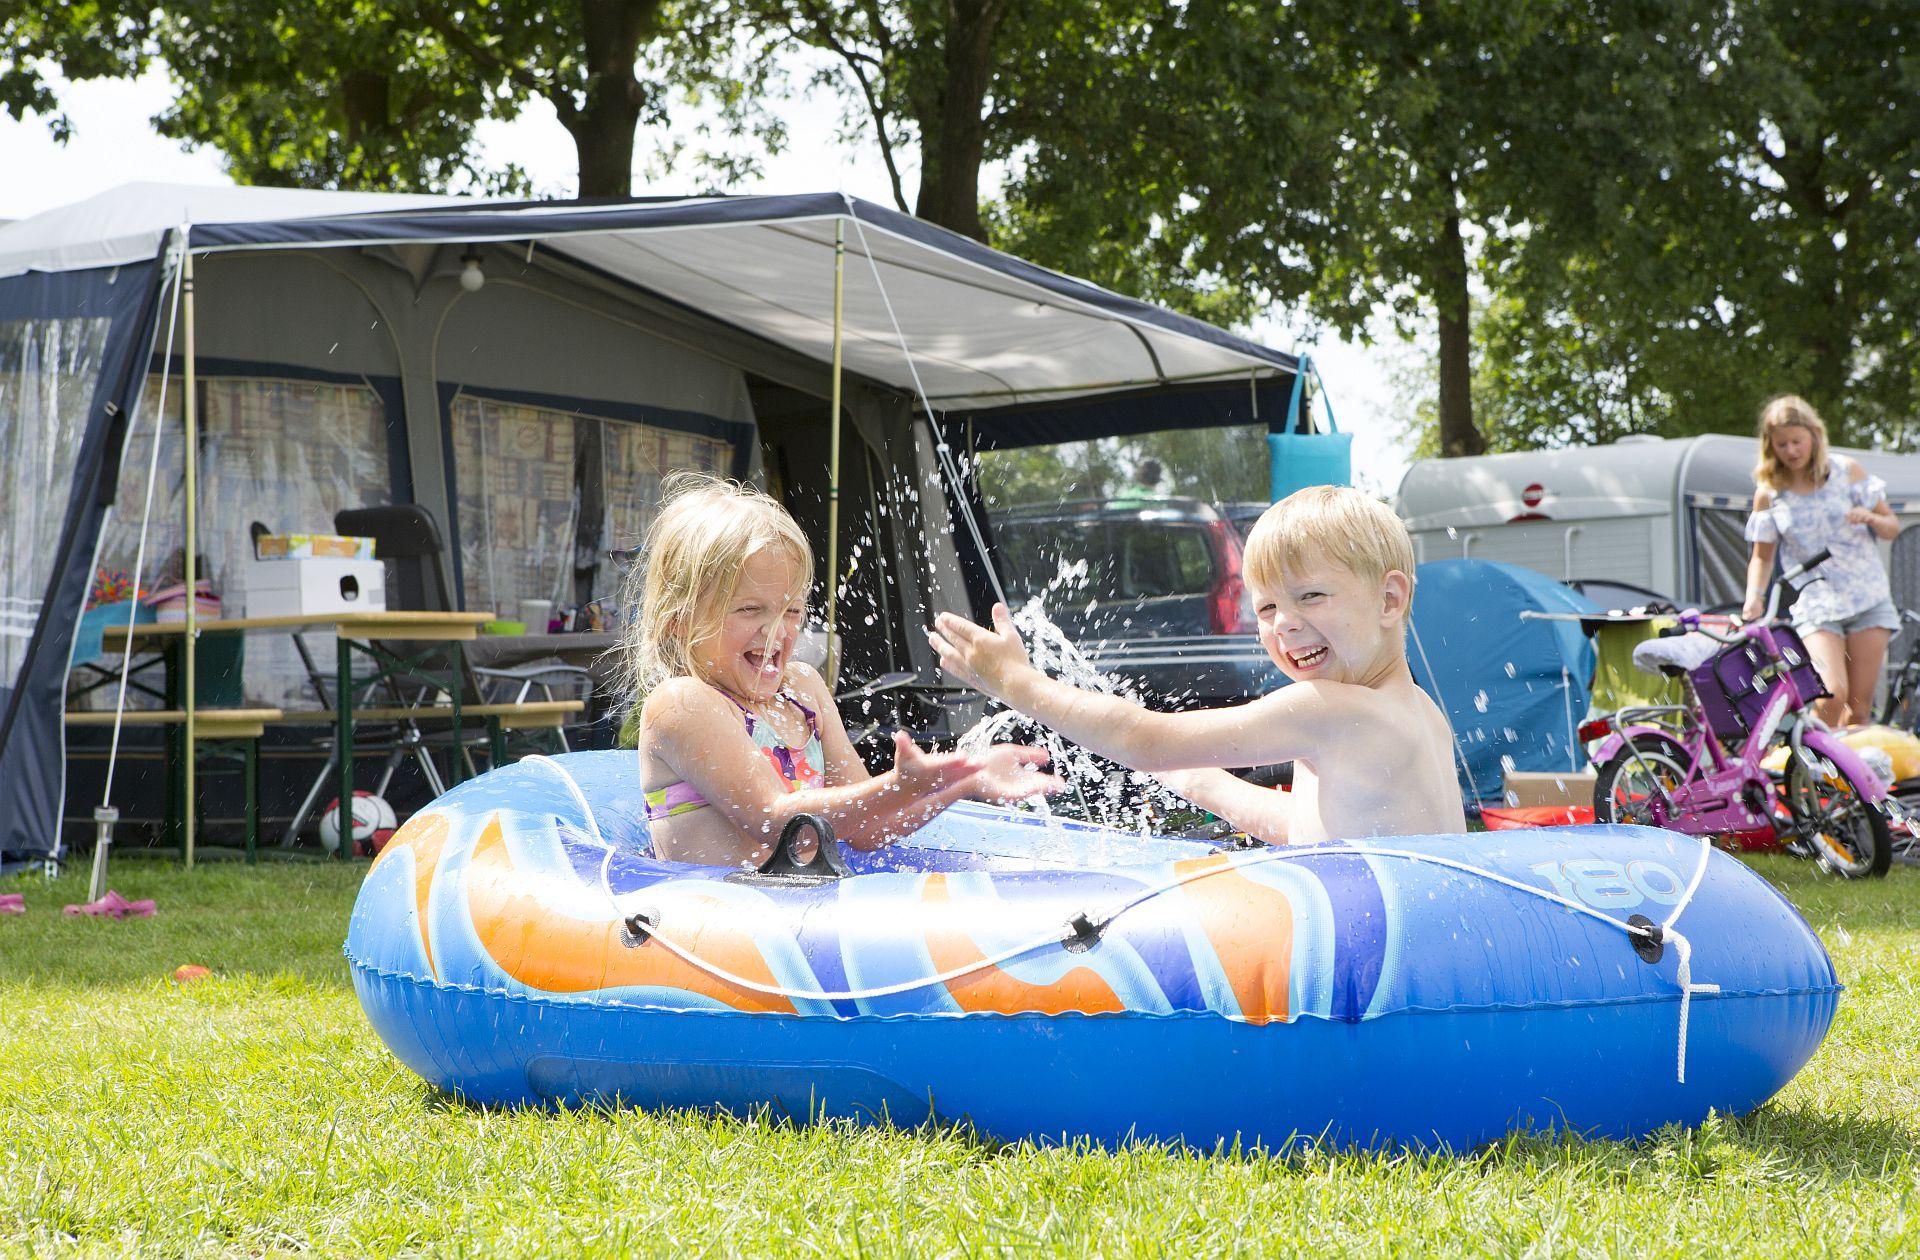 Comfort kampeerplaats op ANWB 5 sterren camping - Mooie comfort kampeerplaats